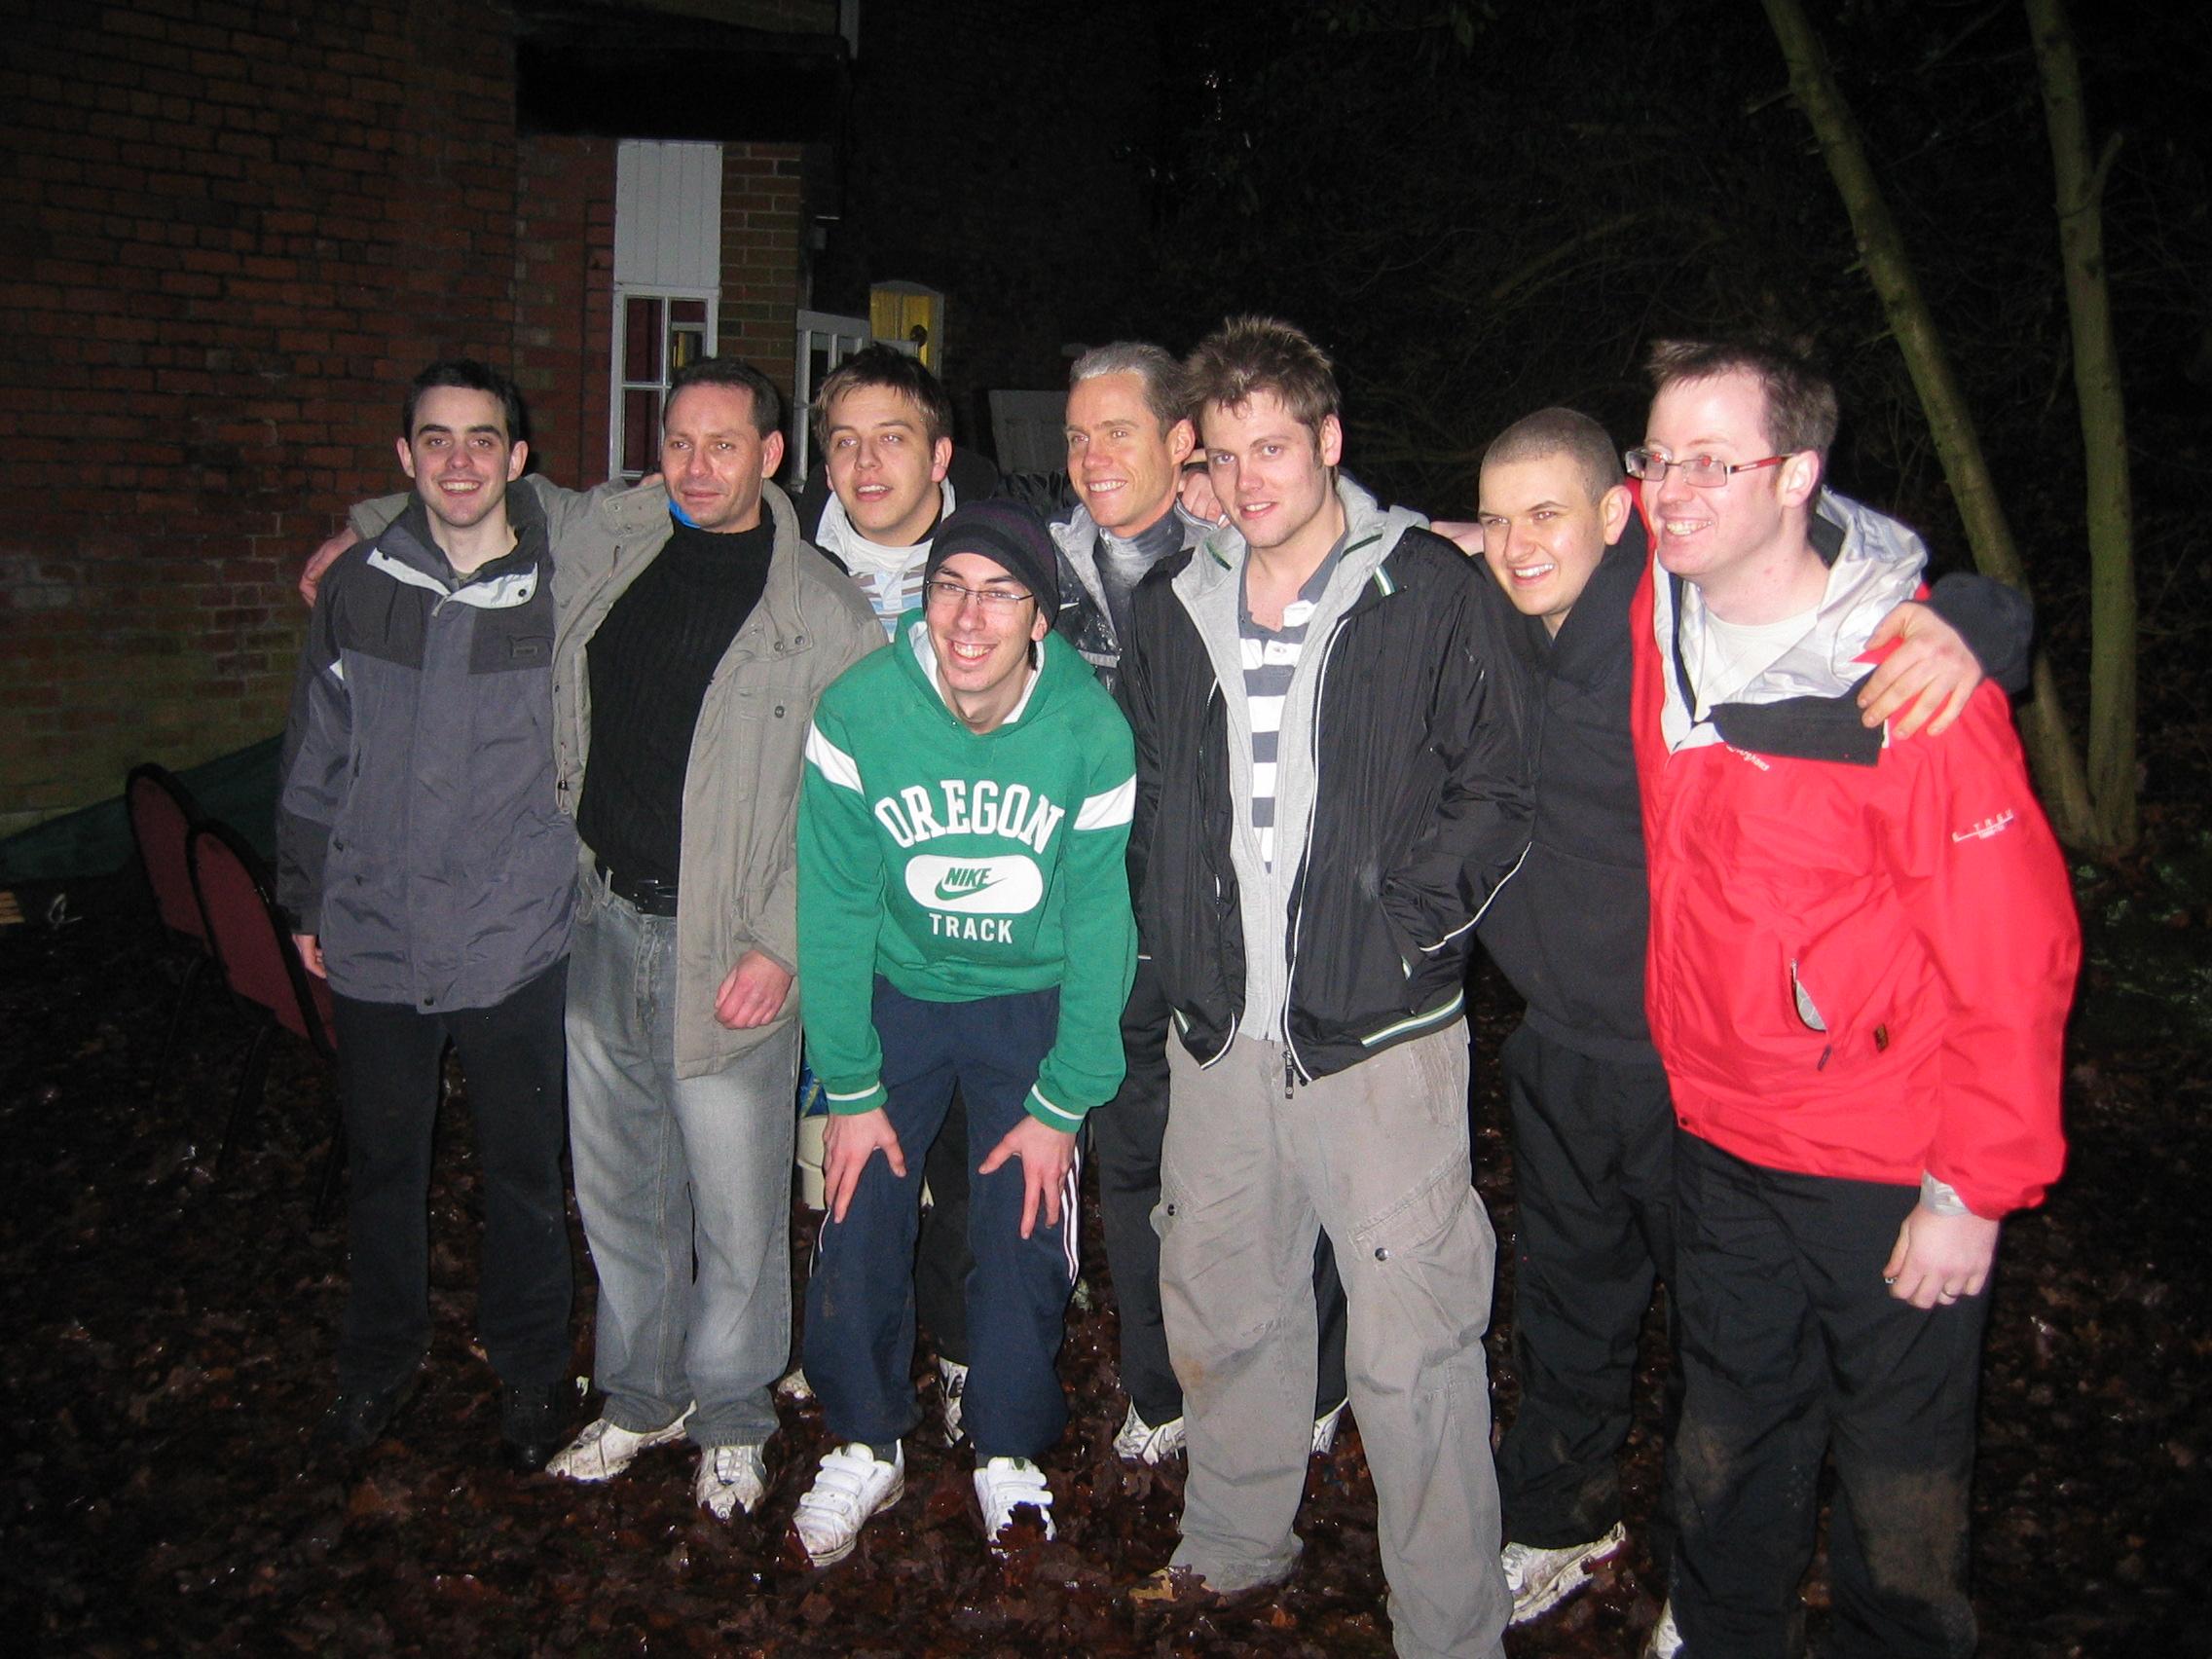 Great teamwork Devon